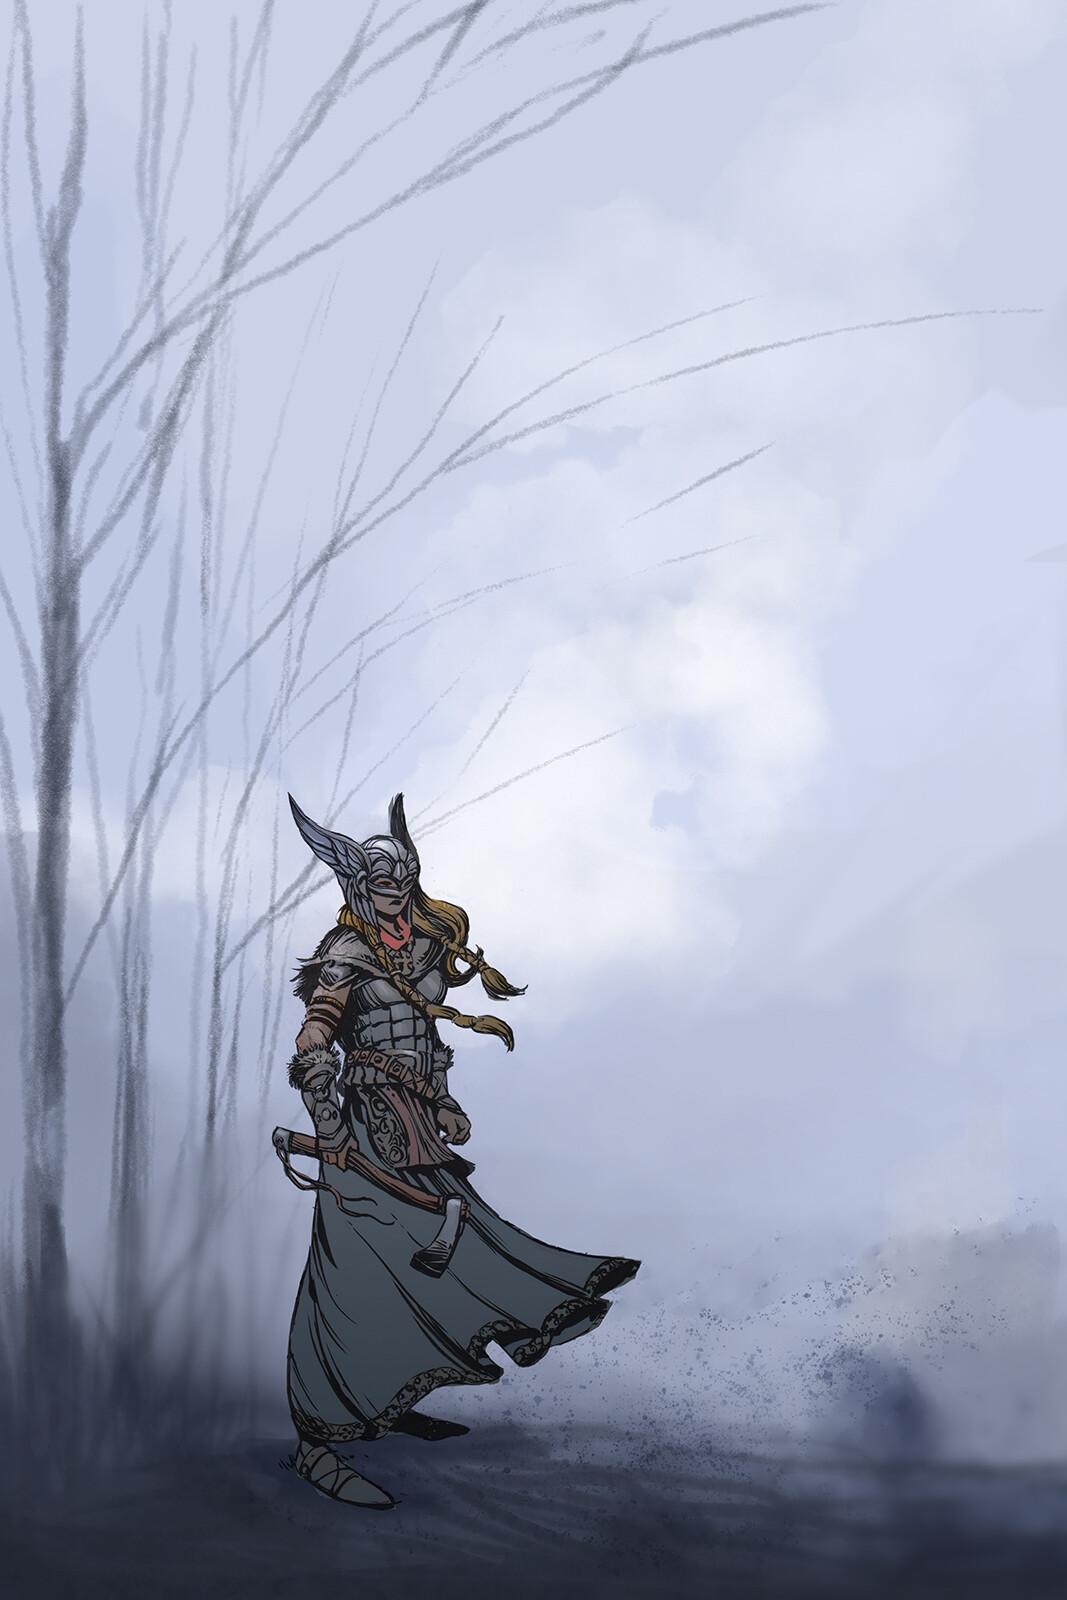 Rindgrid the Shield Destroyer